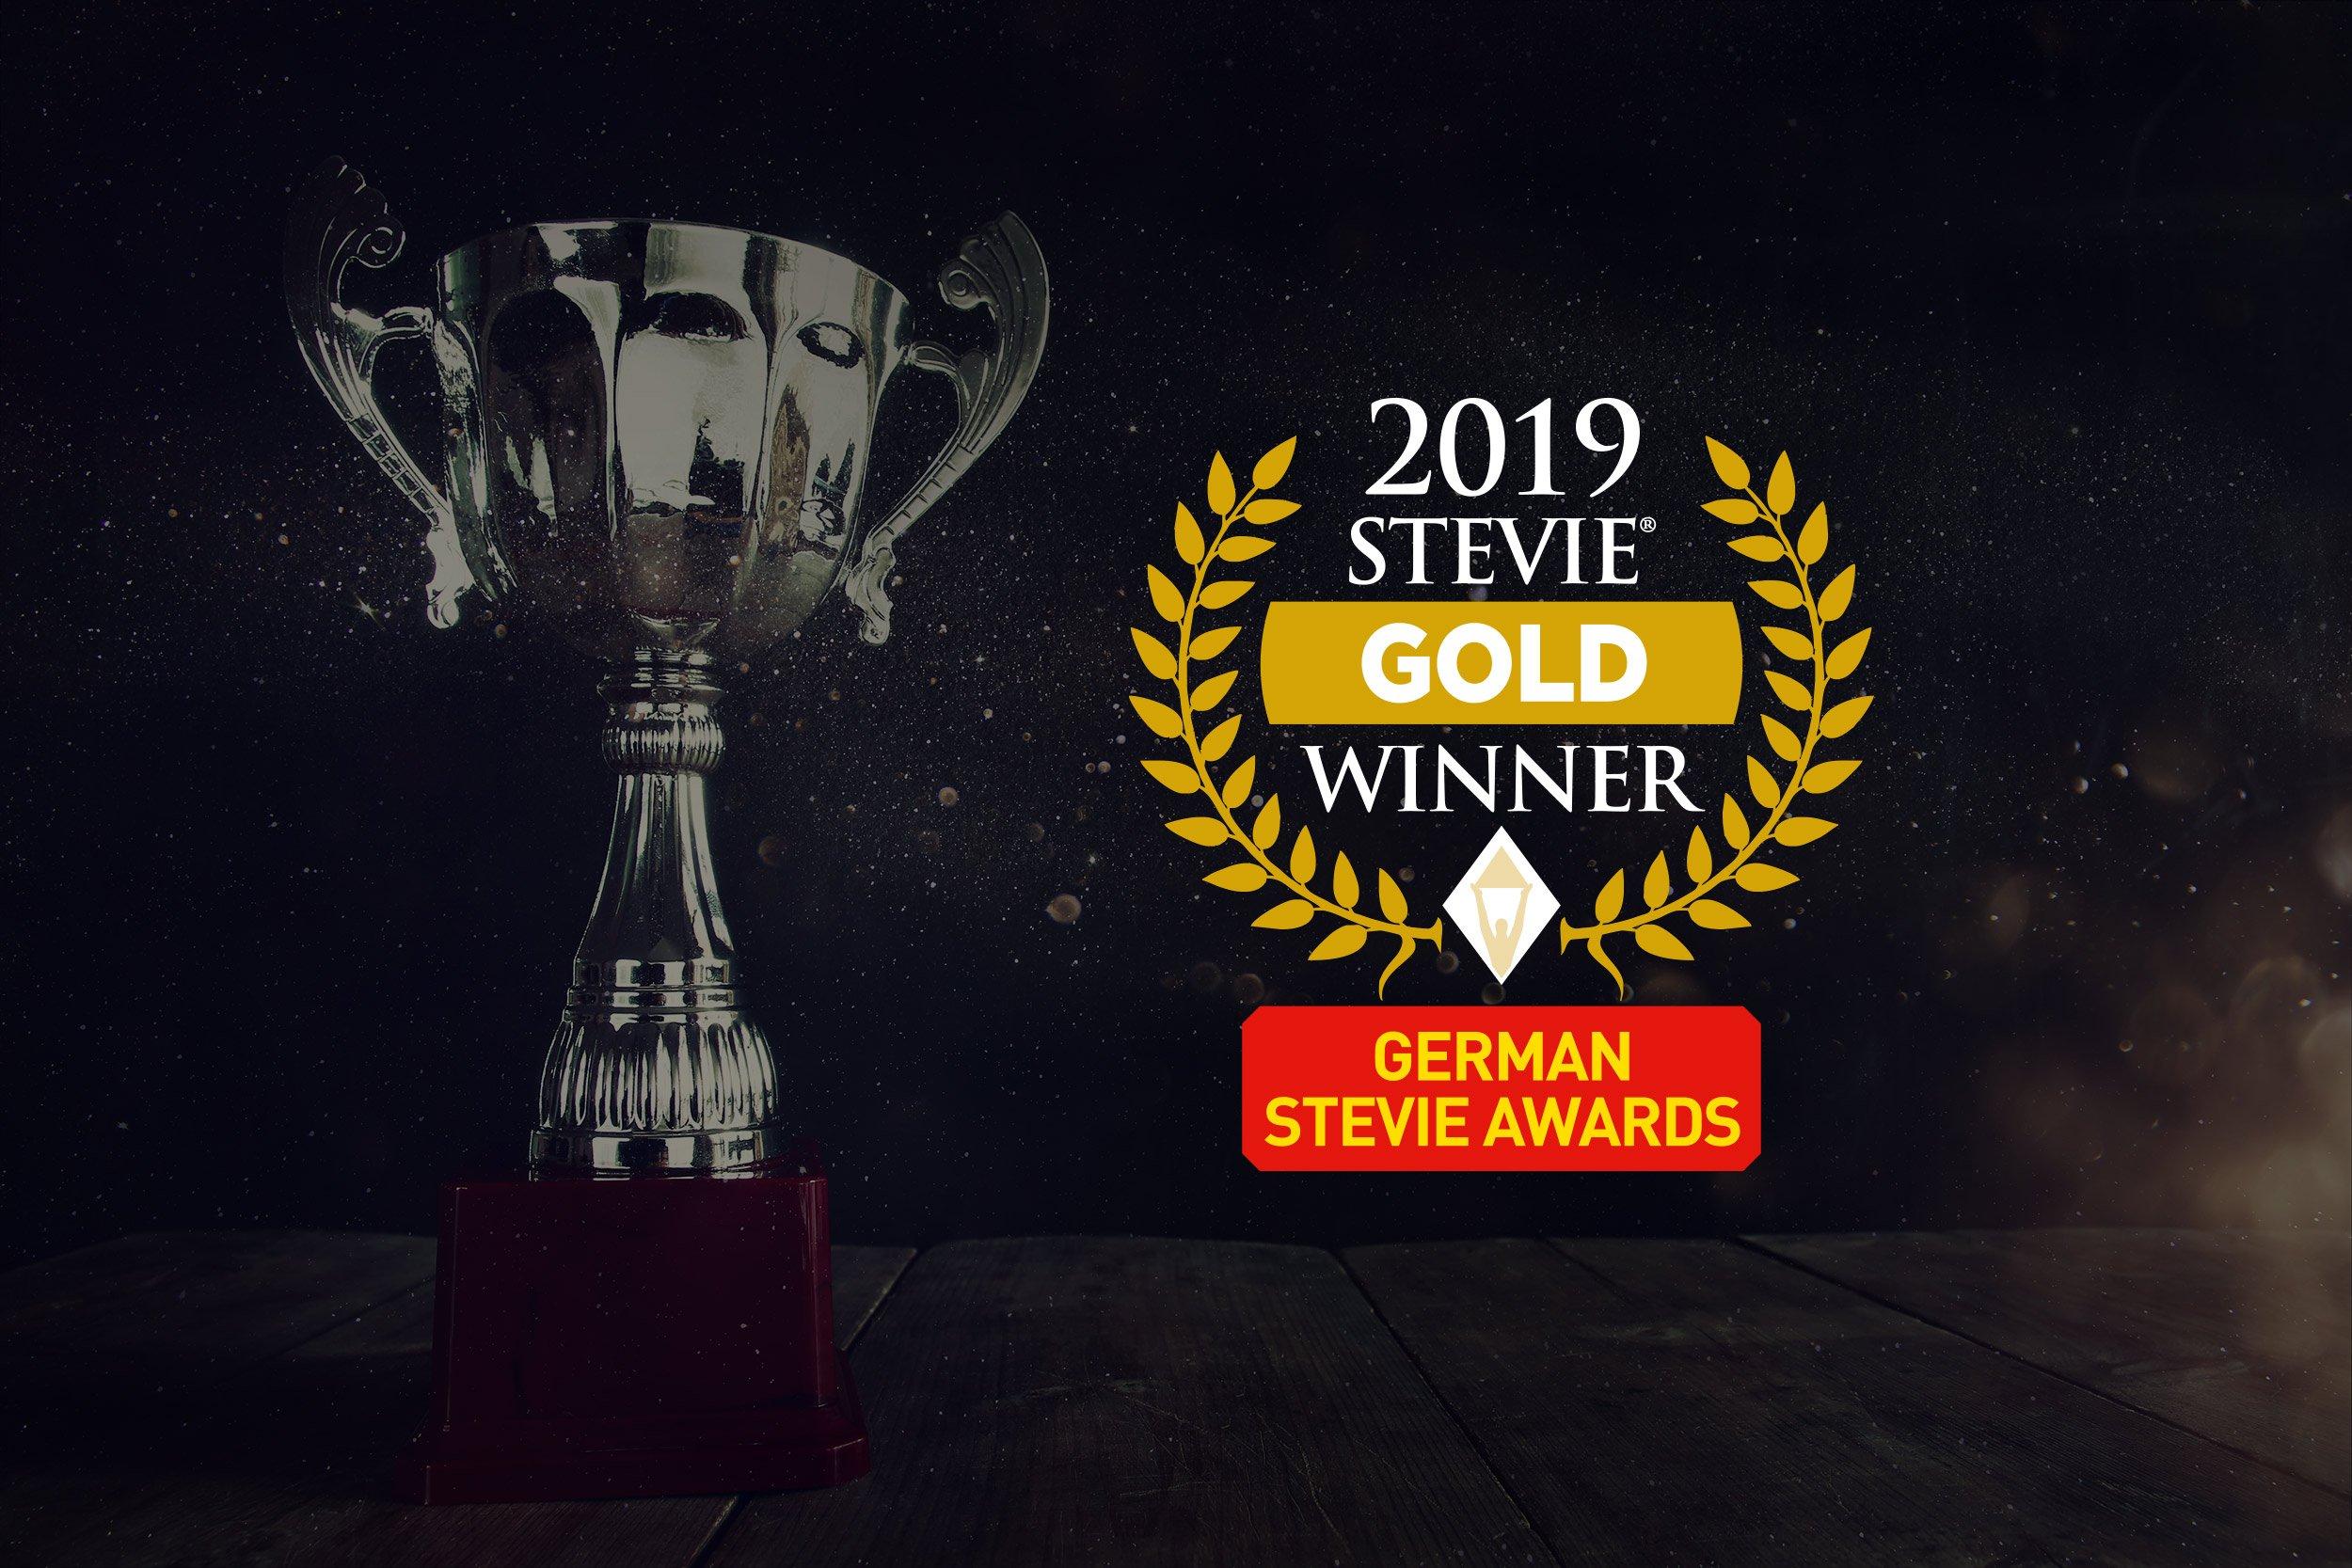 DRACOON wird zweifach mit dem Stevie Award ausgezeichnet